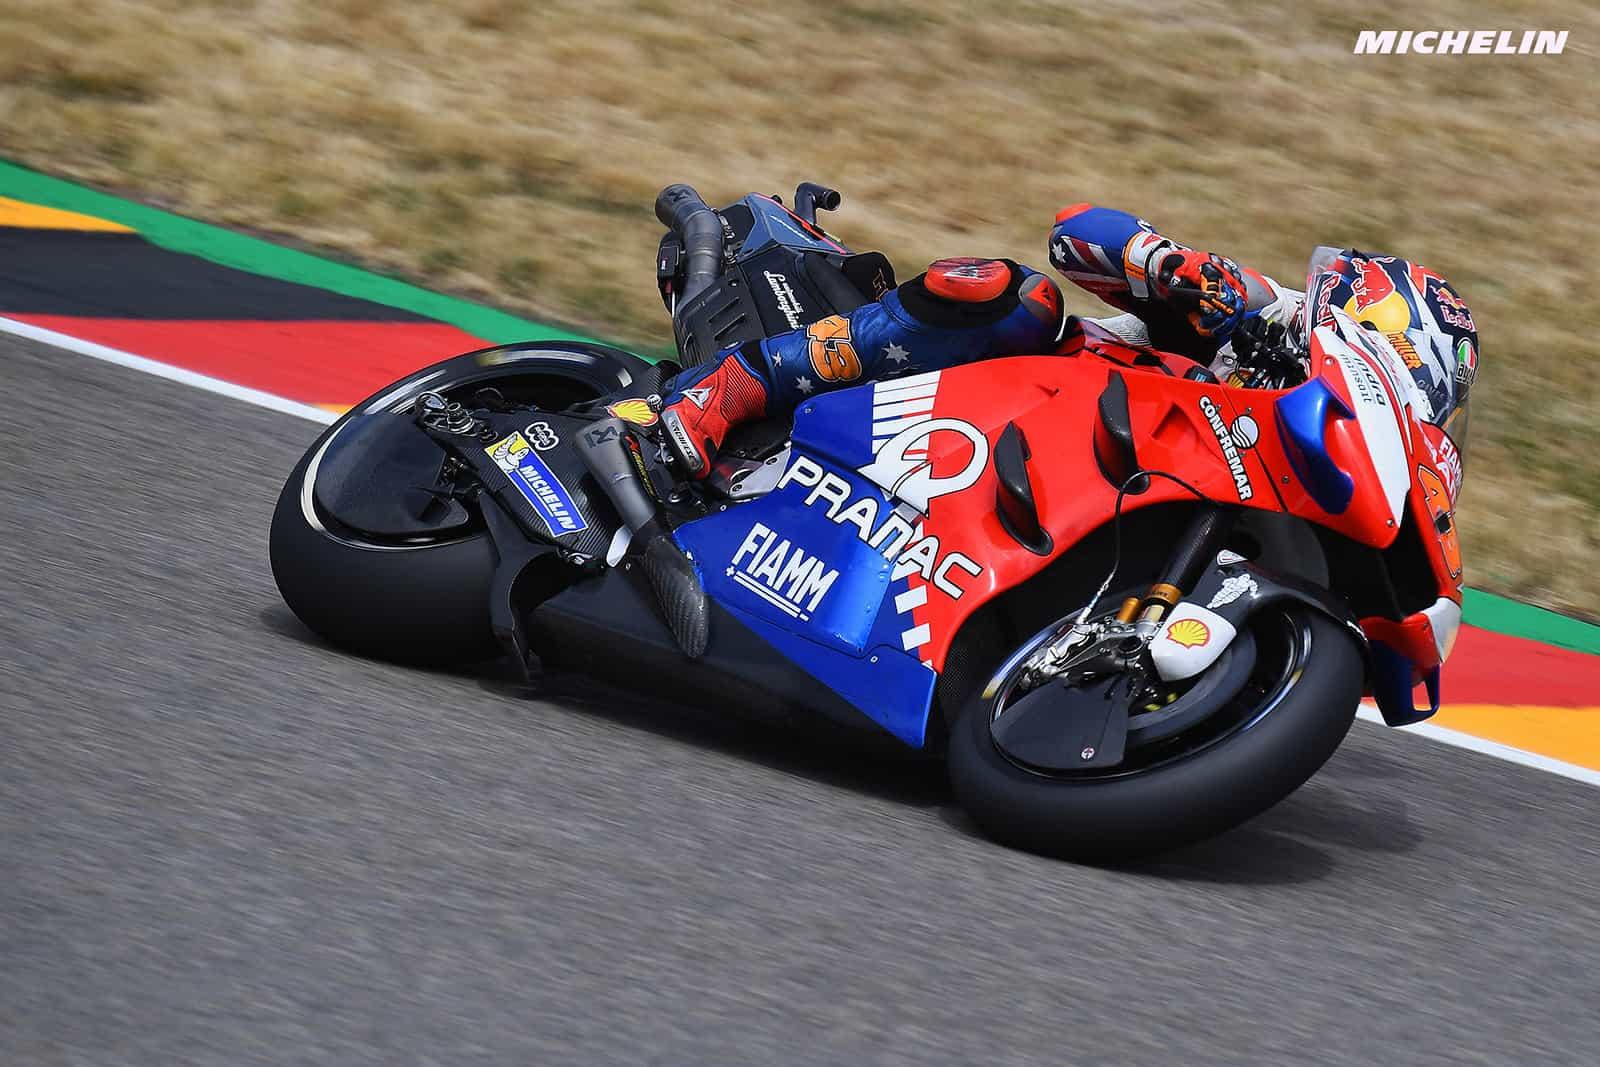 MotoGP2019ドイツGP 予選5位ミラー「フロントタイヤがもう限界だった」